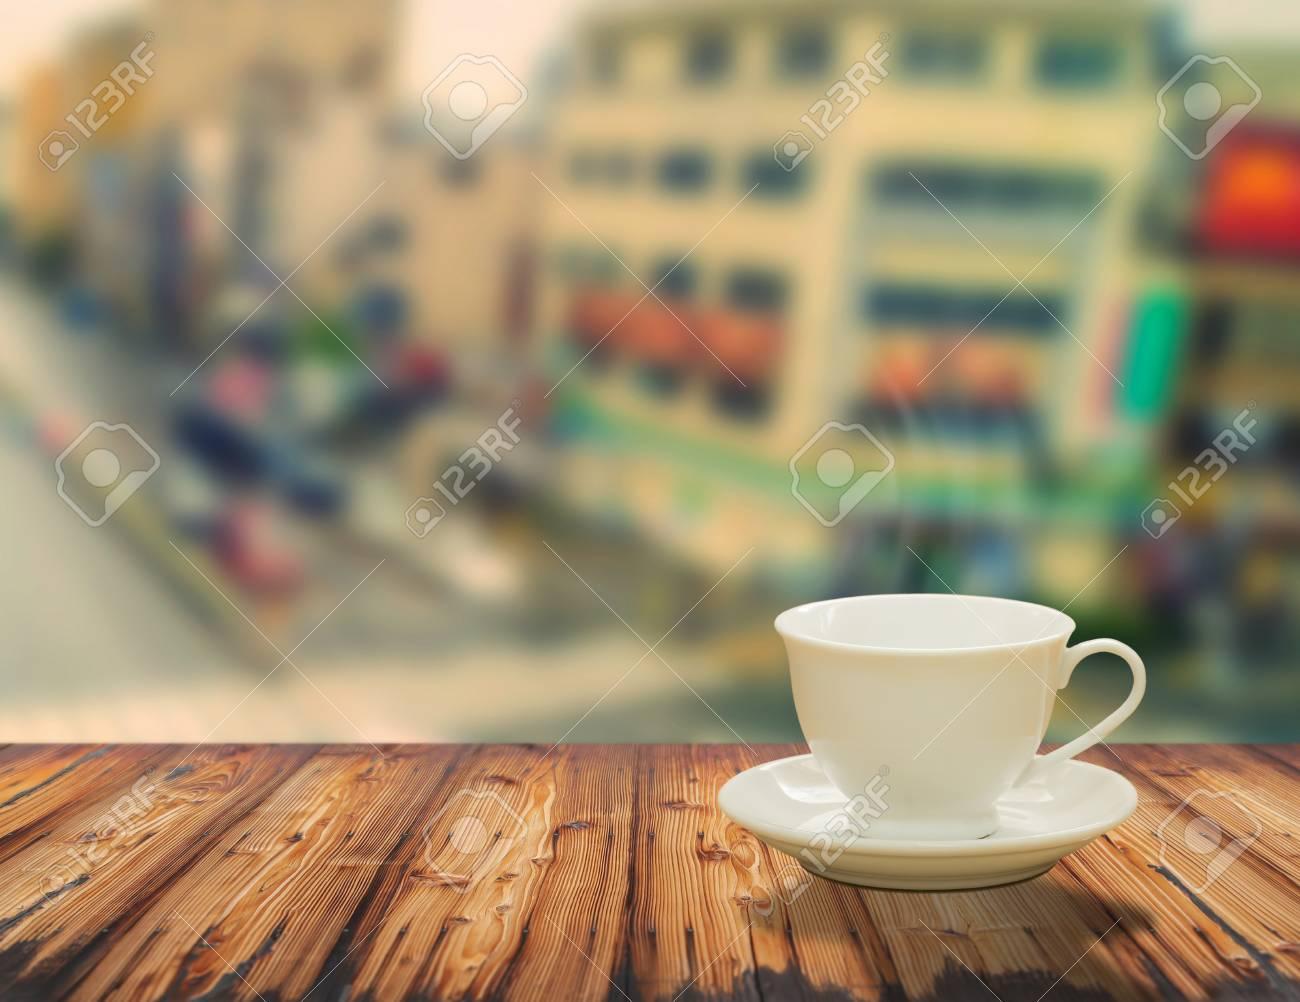 Immagini Stock Tazza Primo Piano Di Caffe Su Un Tavolo Di Legno In Citta Image 50329035